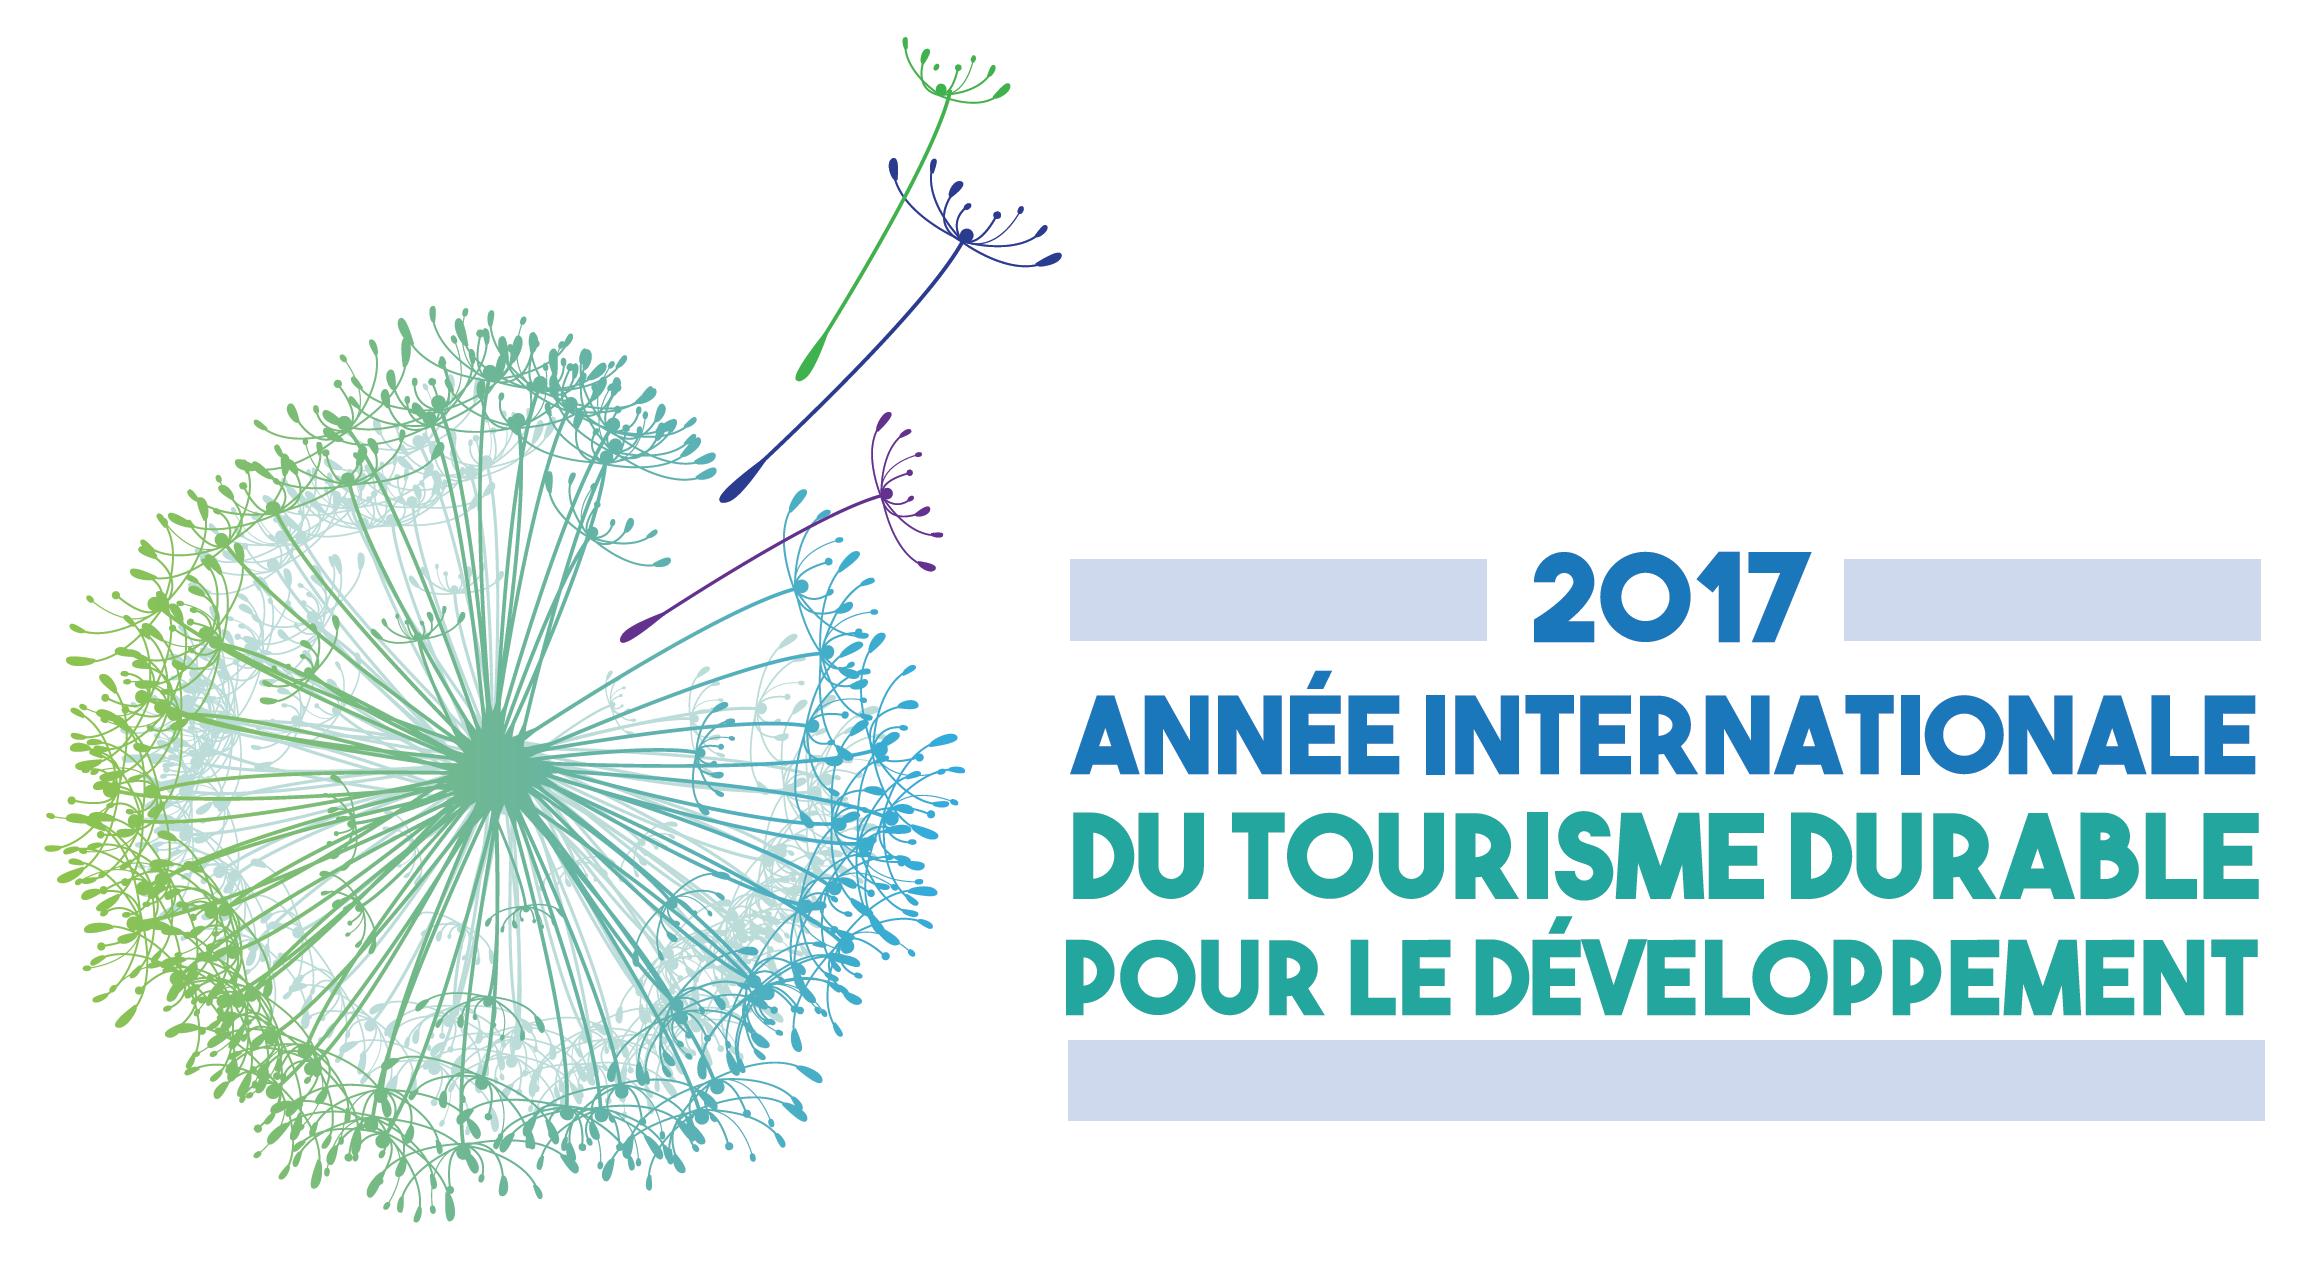 2017 année internatonale du tourisme responsable